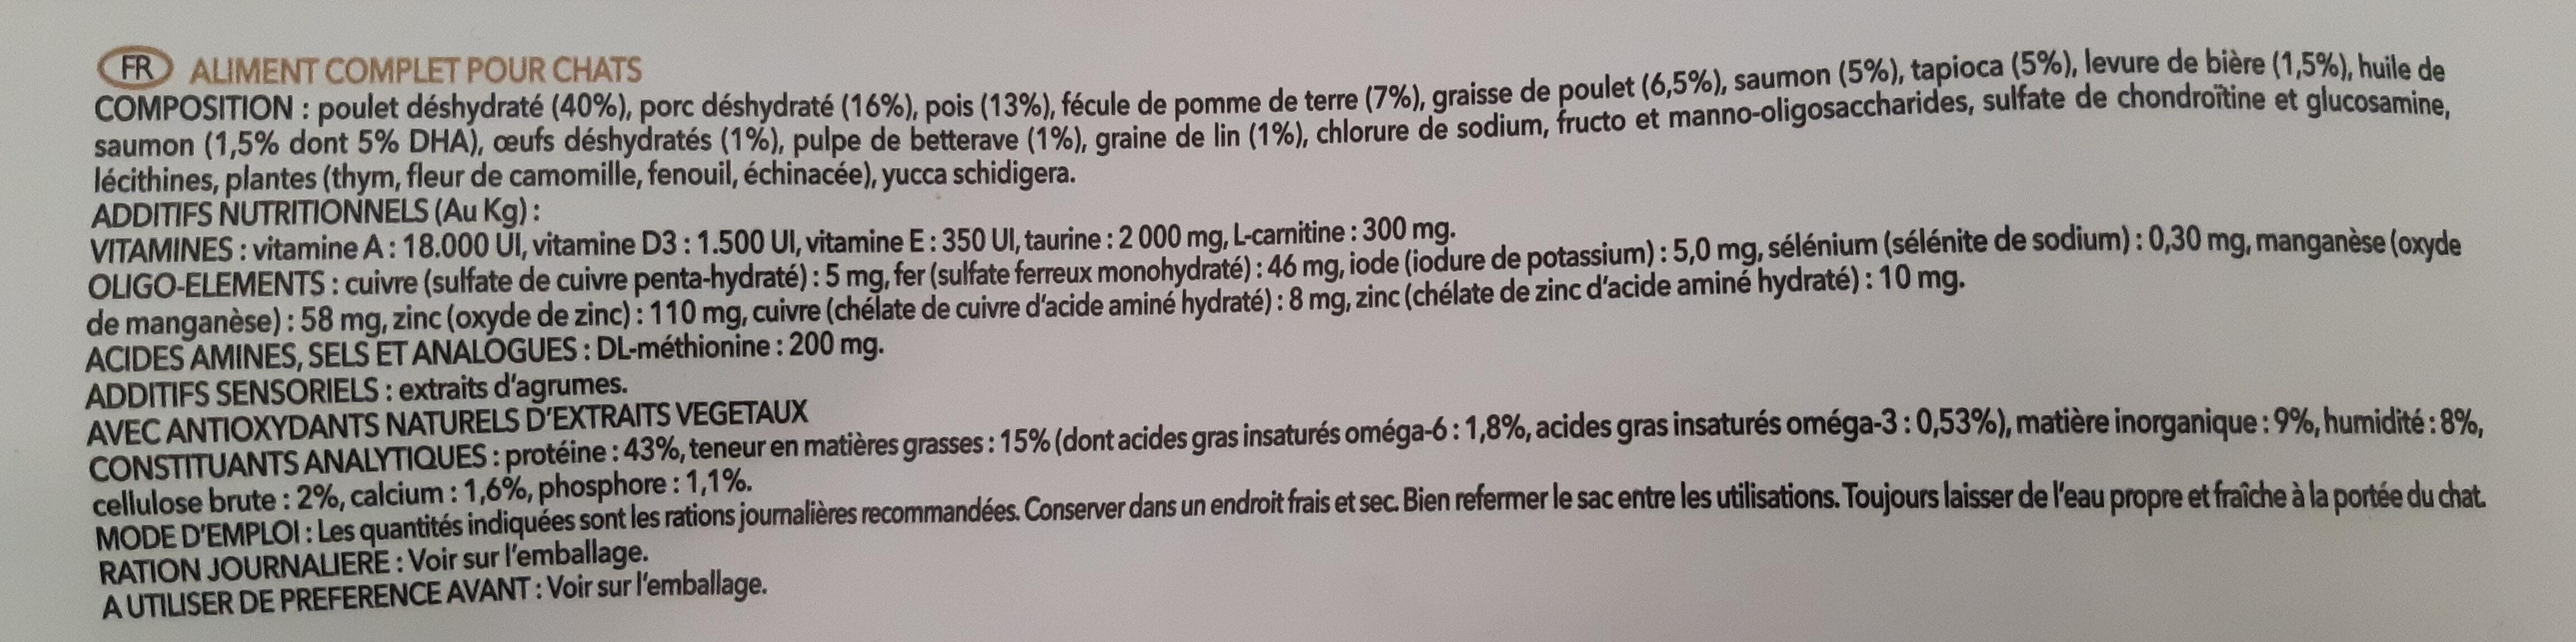 Ultra Premium Direct Chat Adulte Stérilisé - Chat d'intérieur - Ingrédients - fr